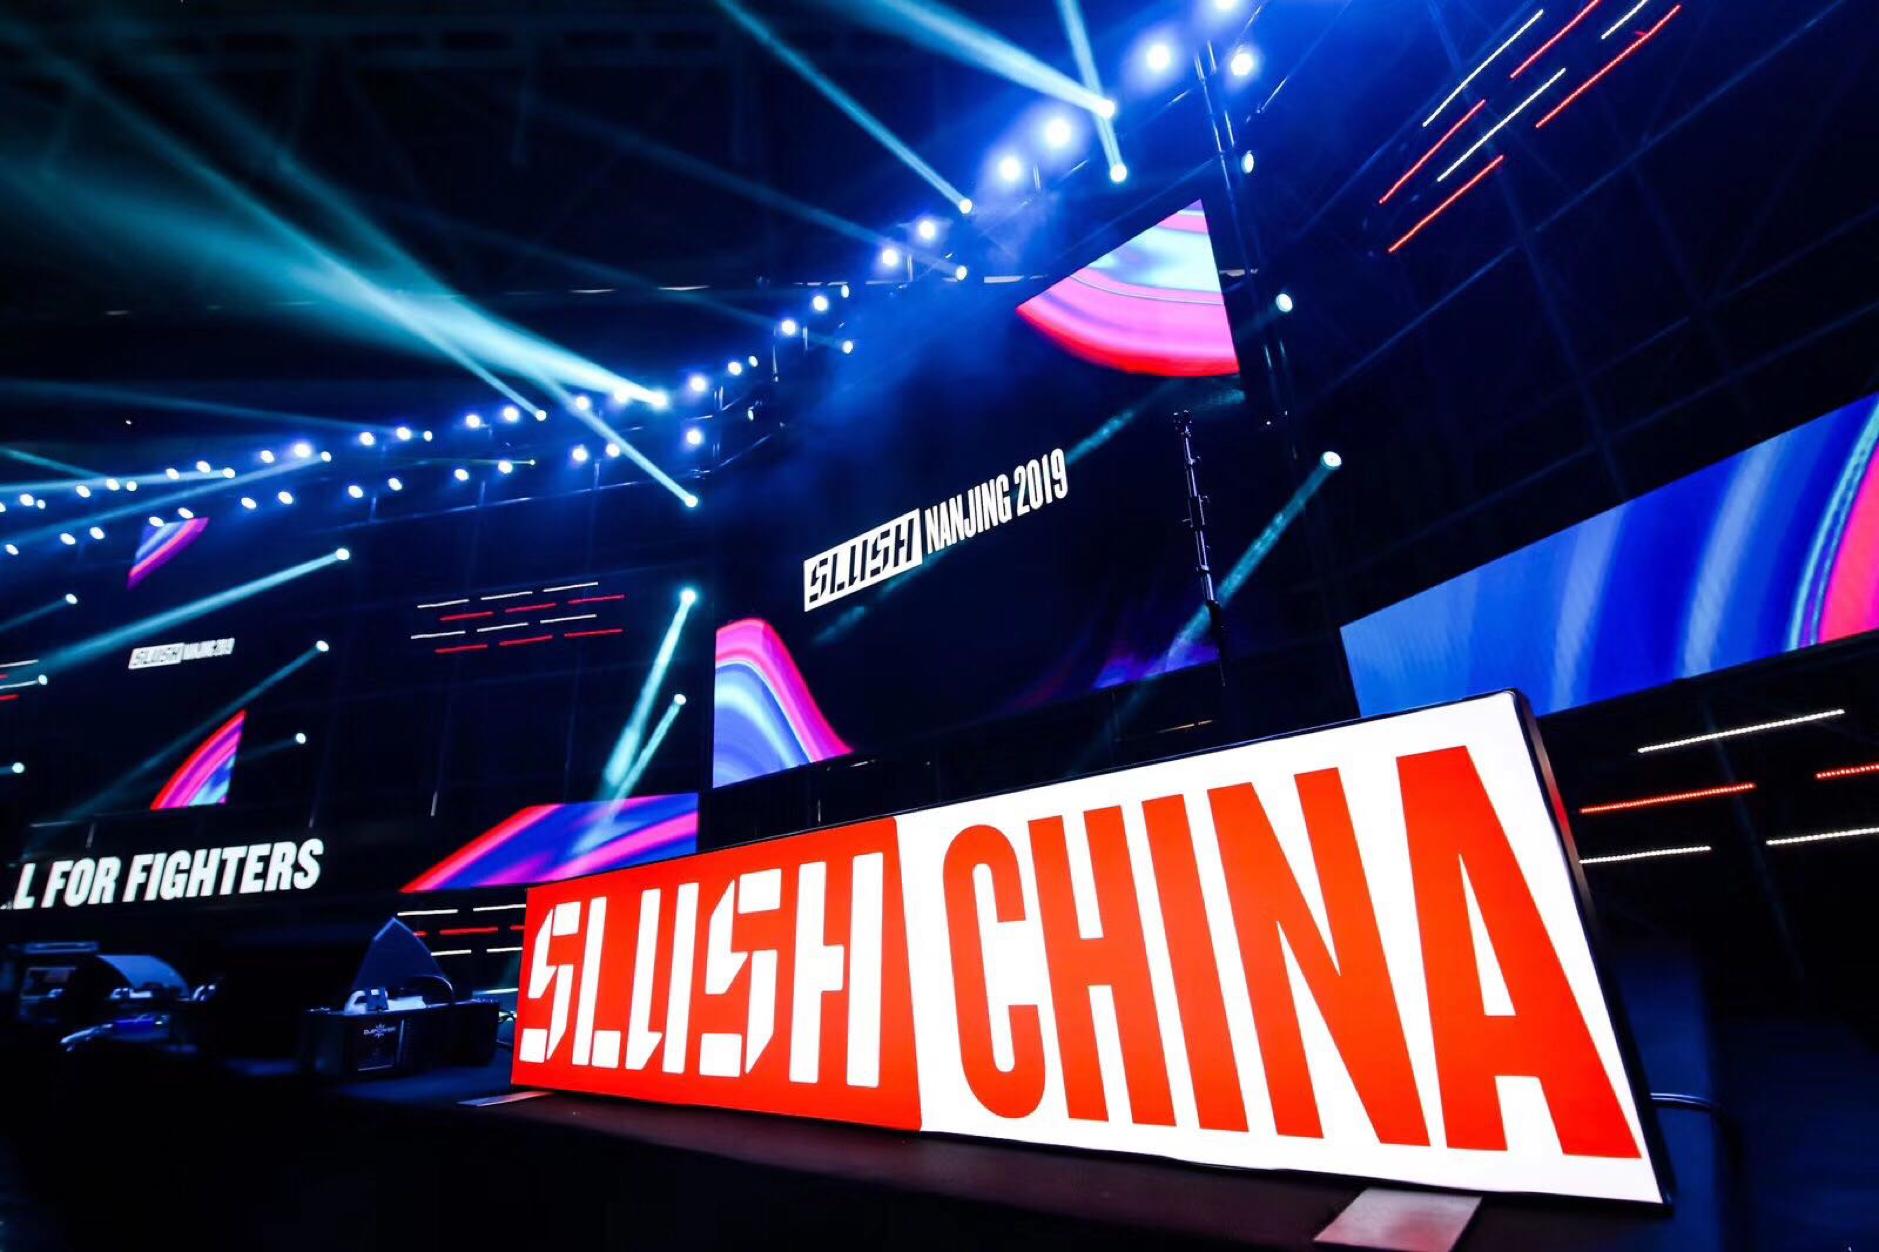 燃爆六朝古都 - Slush南京2019科技创新大会圆满闭幕